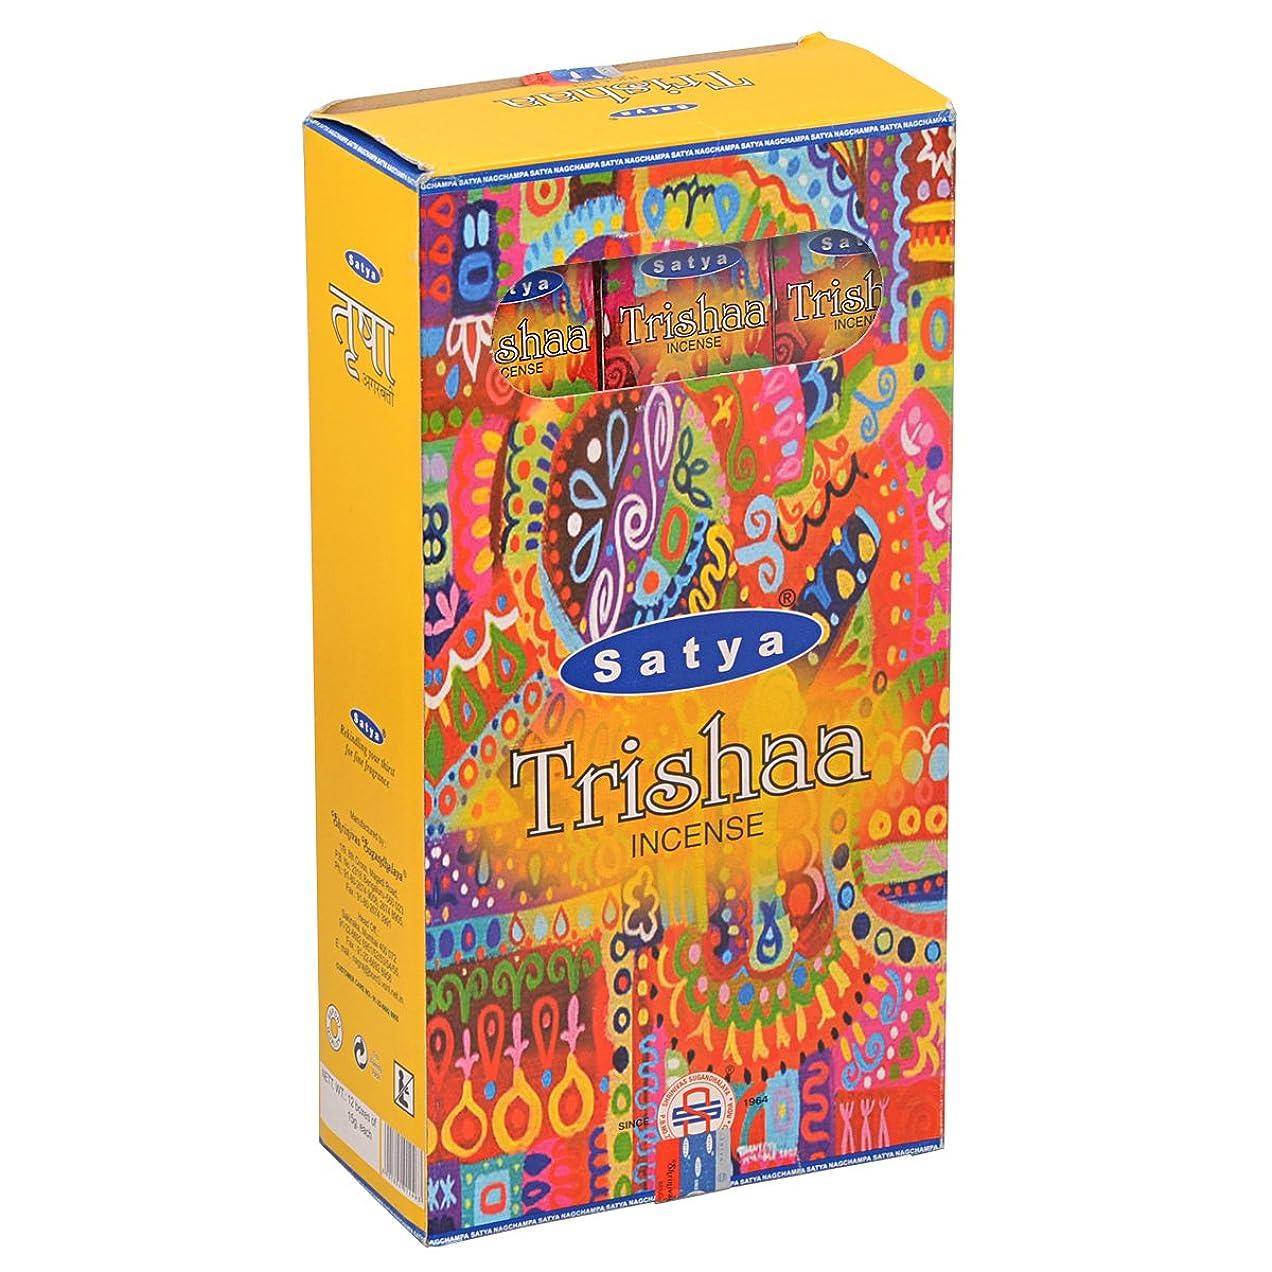 リング険しいいっぱいSATYA(サティヤ) トリシャー Trishaa スティックタイプ お香 12箱 セット [並行輸入品]